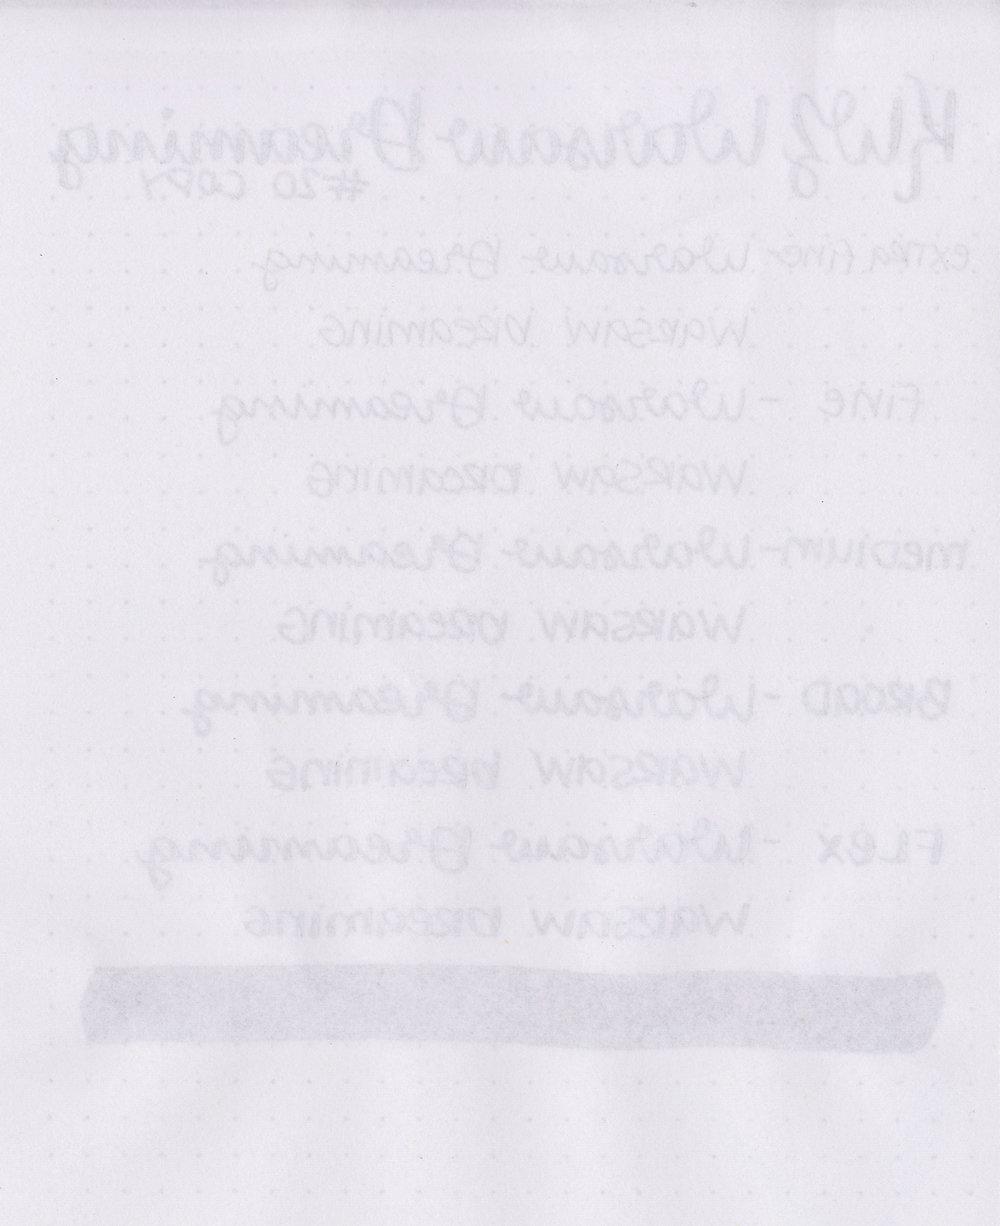 kwz-warsaw-dreaming-9.jpg